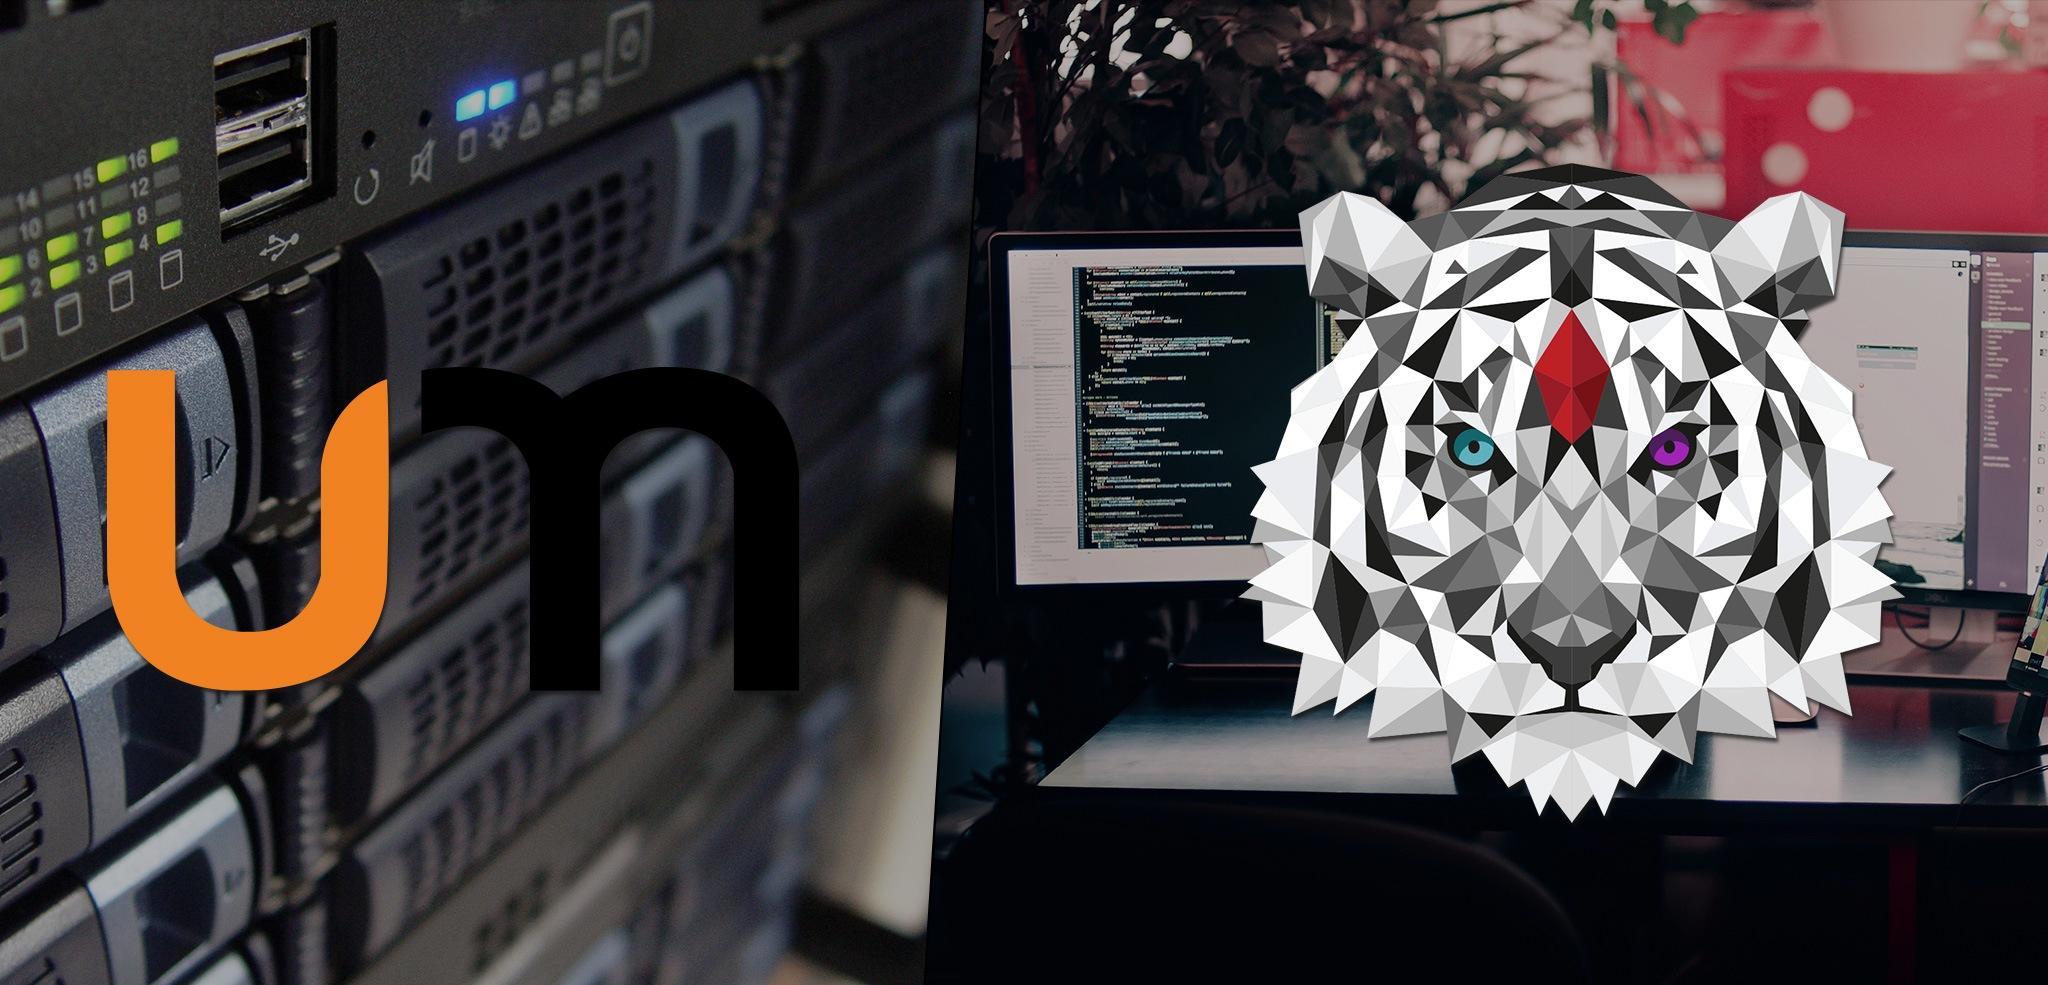 zyger-umanix-about-banner-hosting-design  Umanix Zyger Umanix about banner hosting design